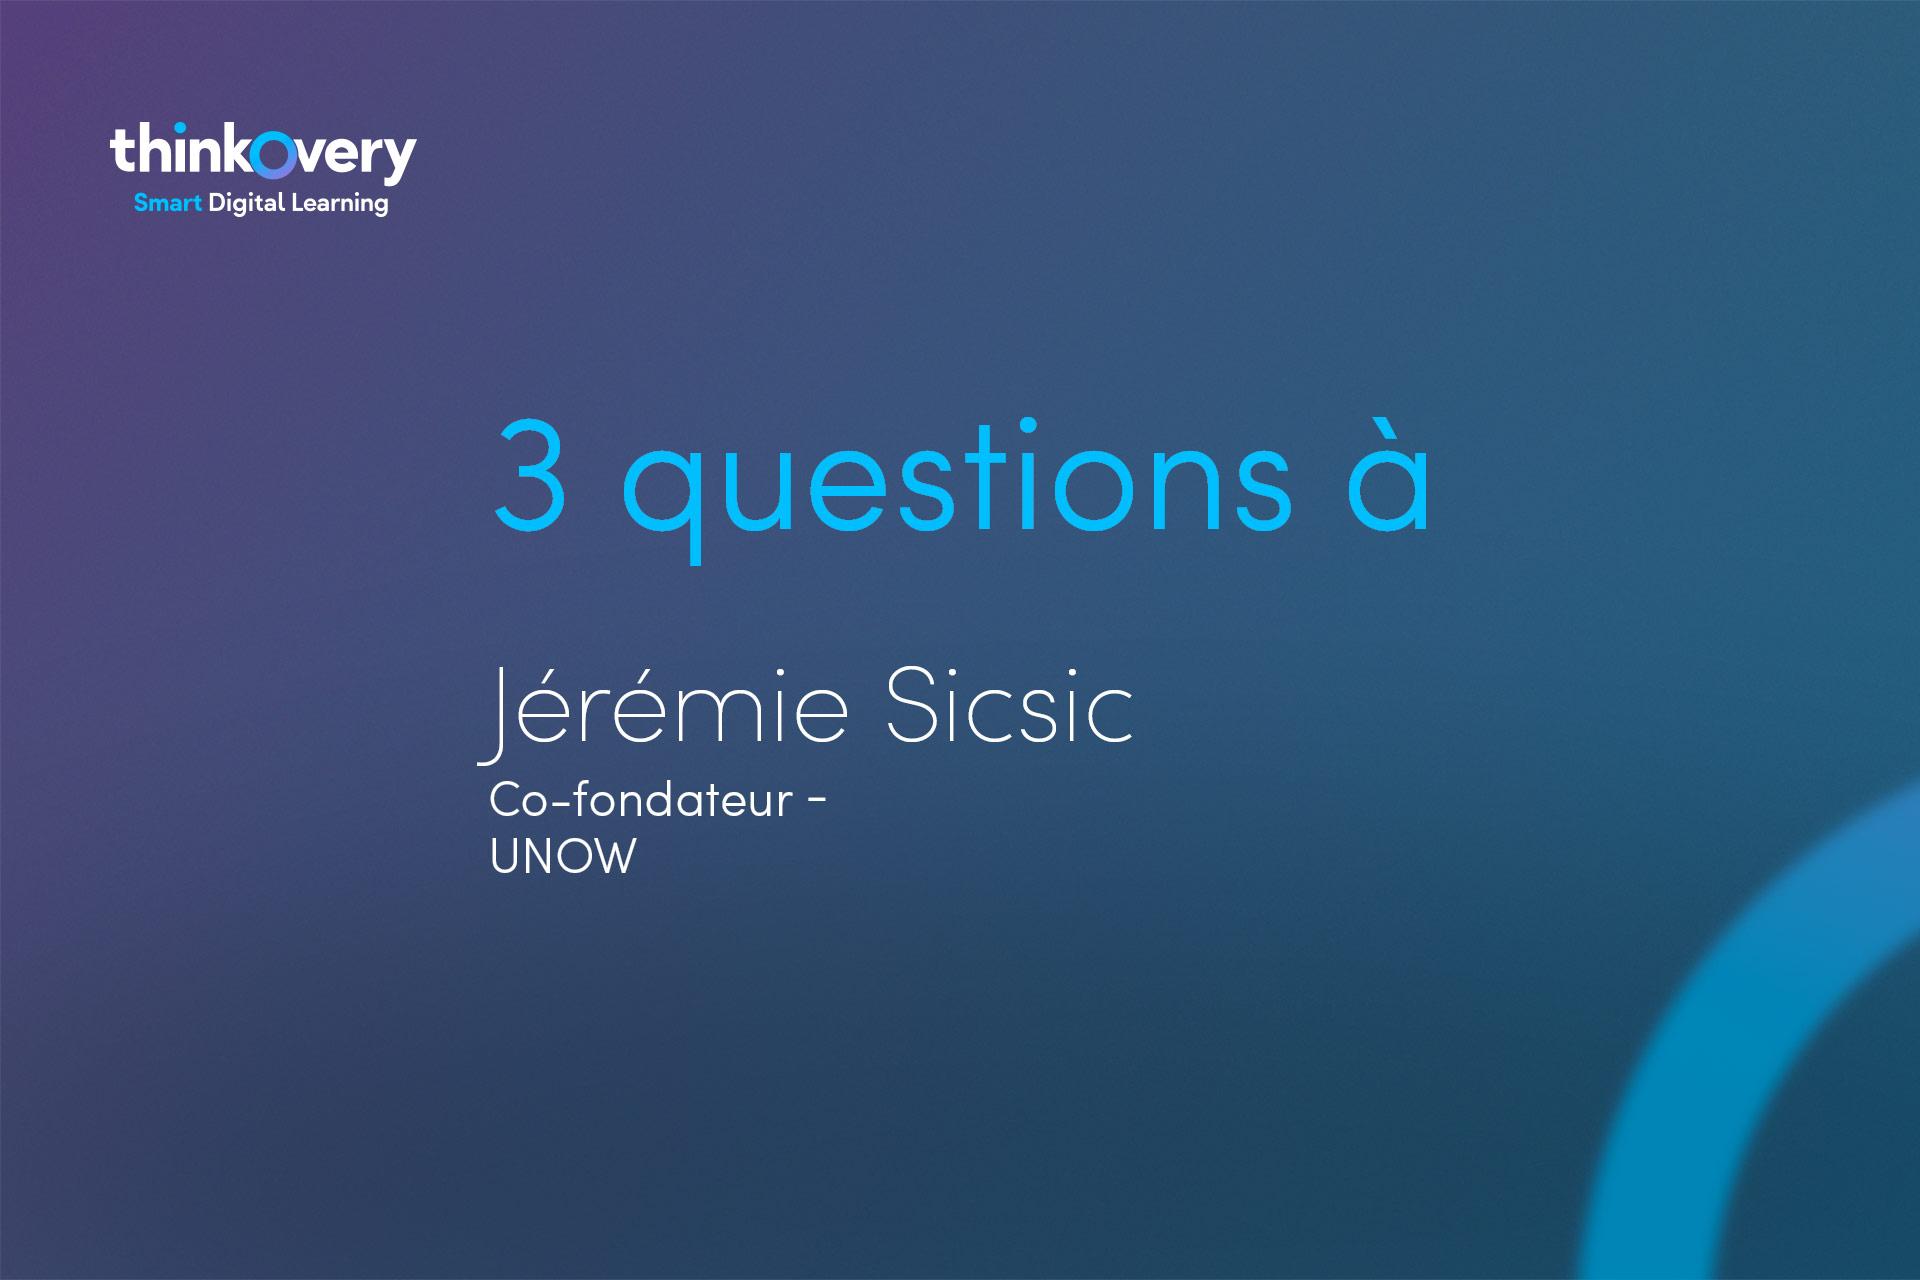 Jeremie Sicsic repond à nos questions sur le digital learning